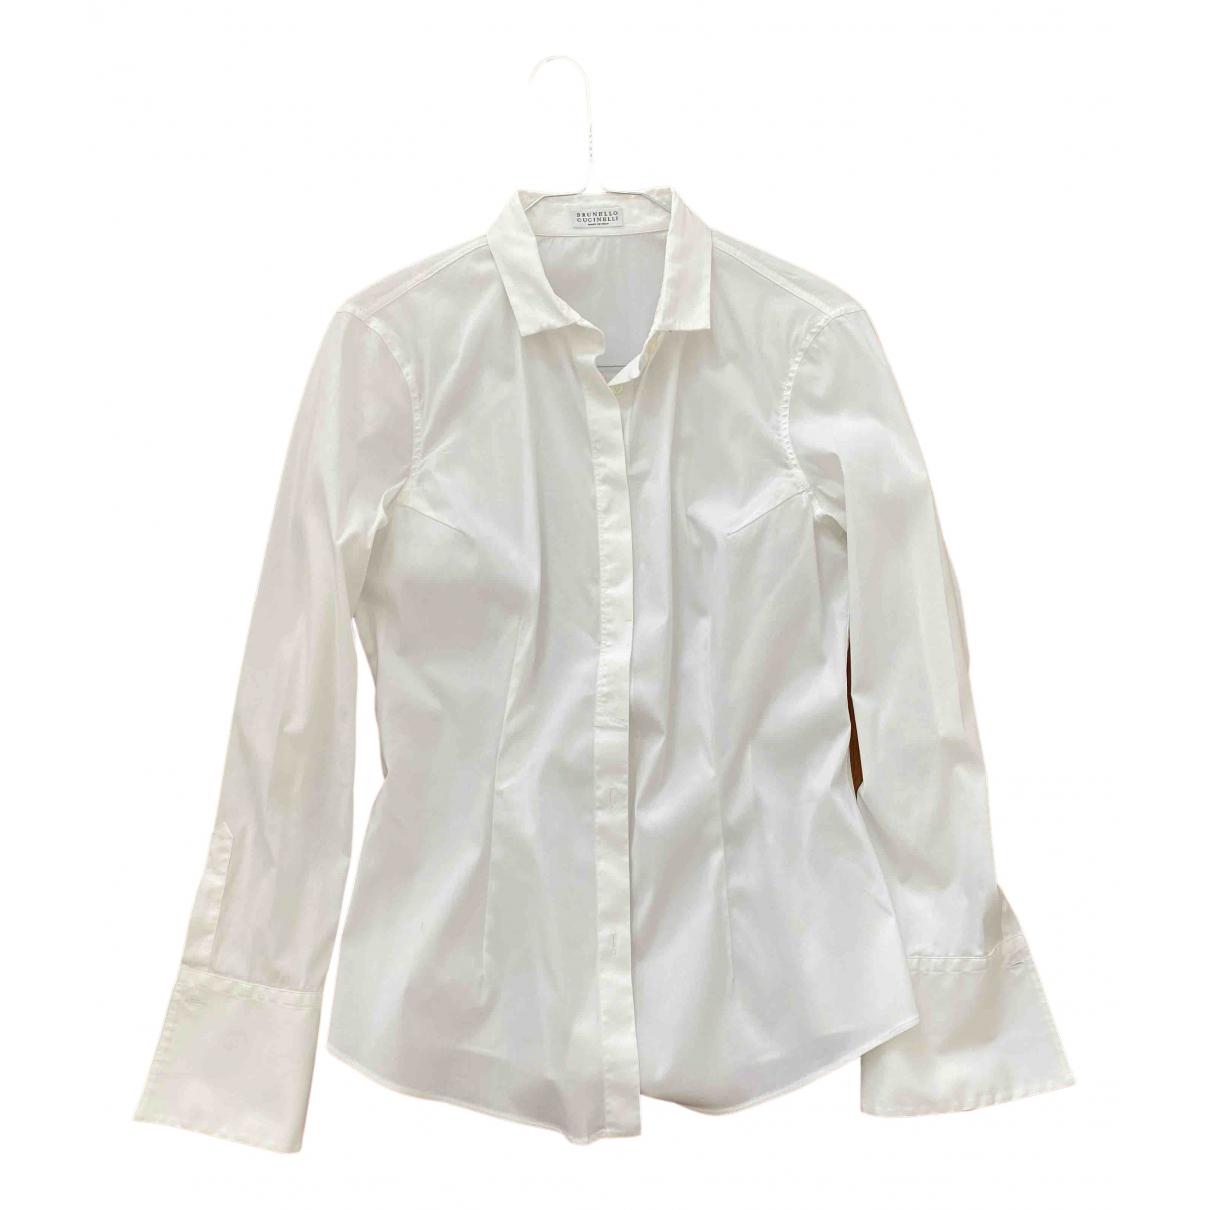 Brunello Cucinelli \N White Cotton  top for Women M International